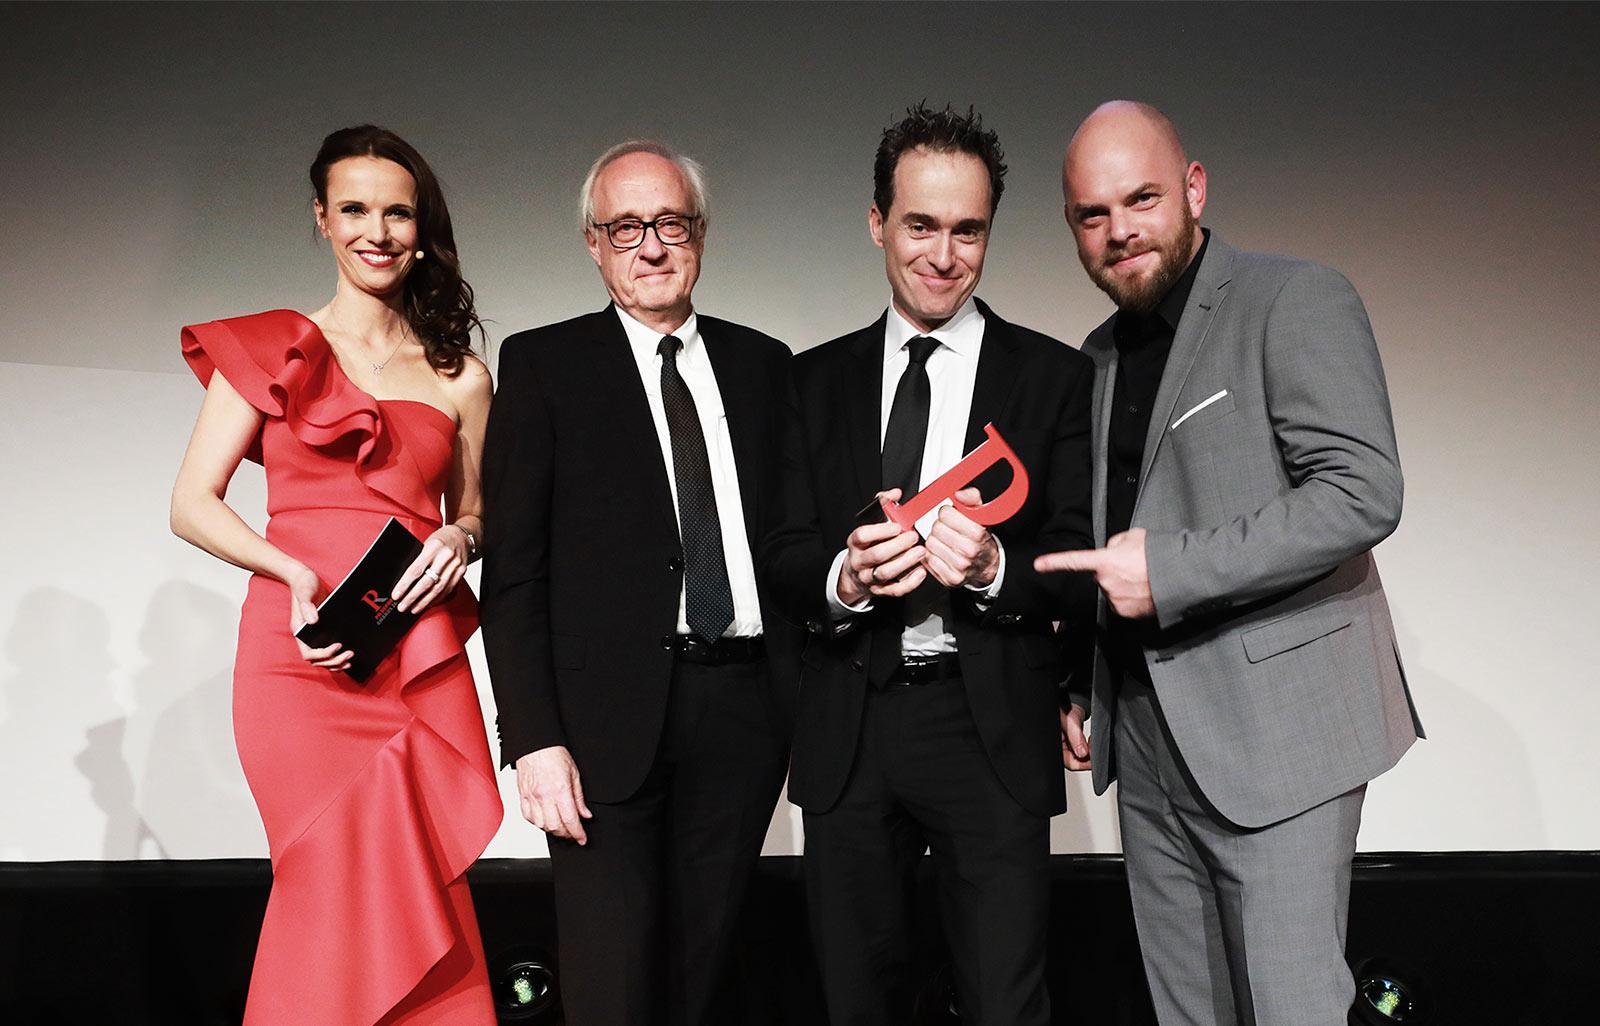 S+P gewinnt den PR Report Award 2019 für die Kampagne